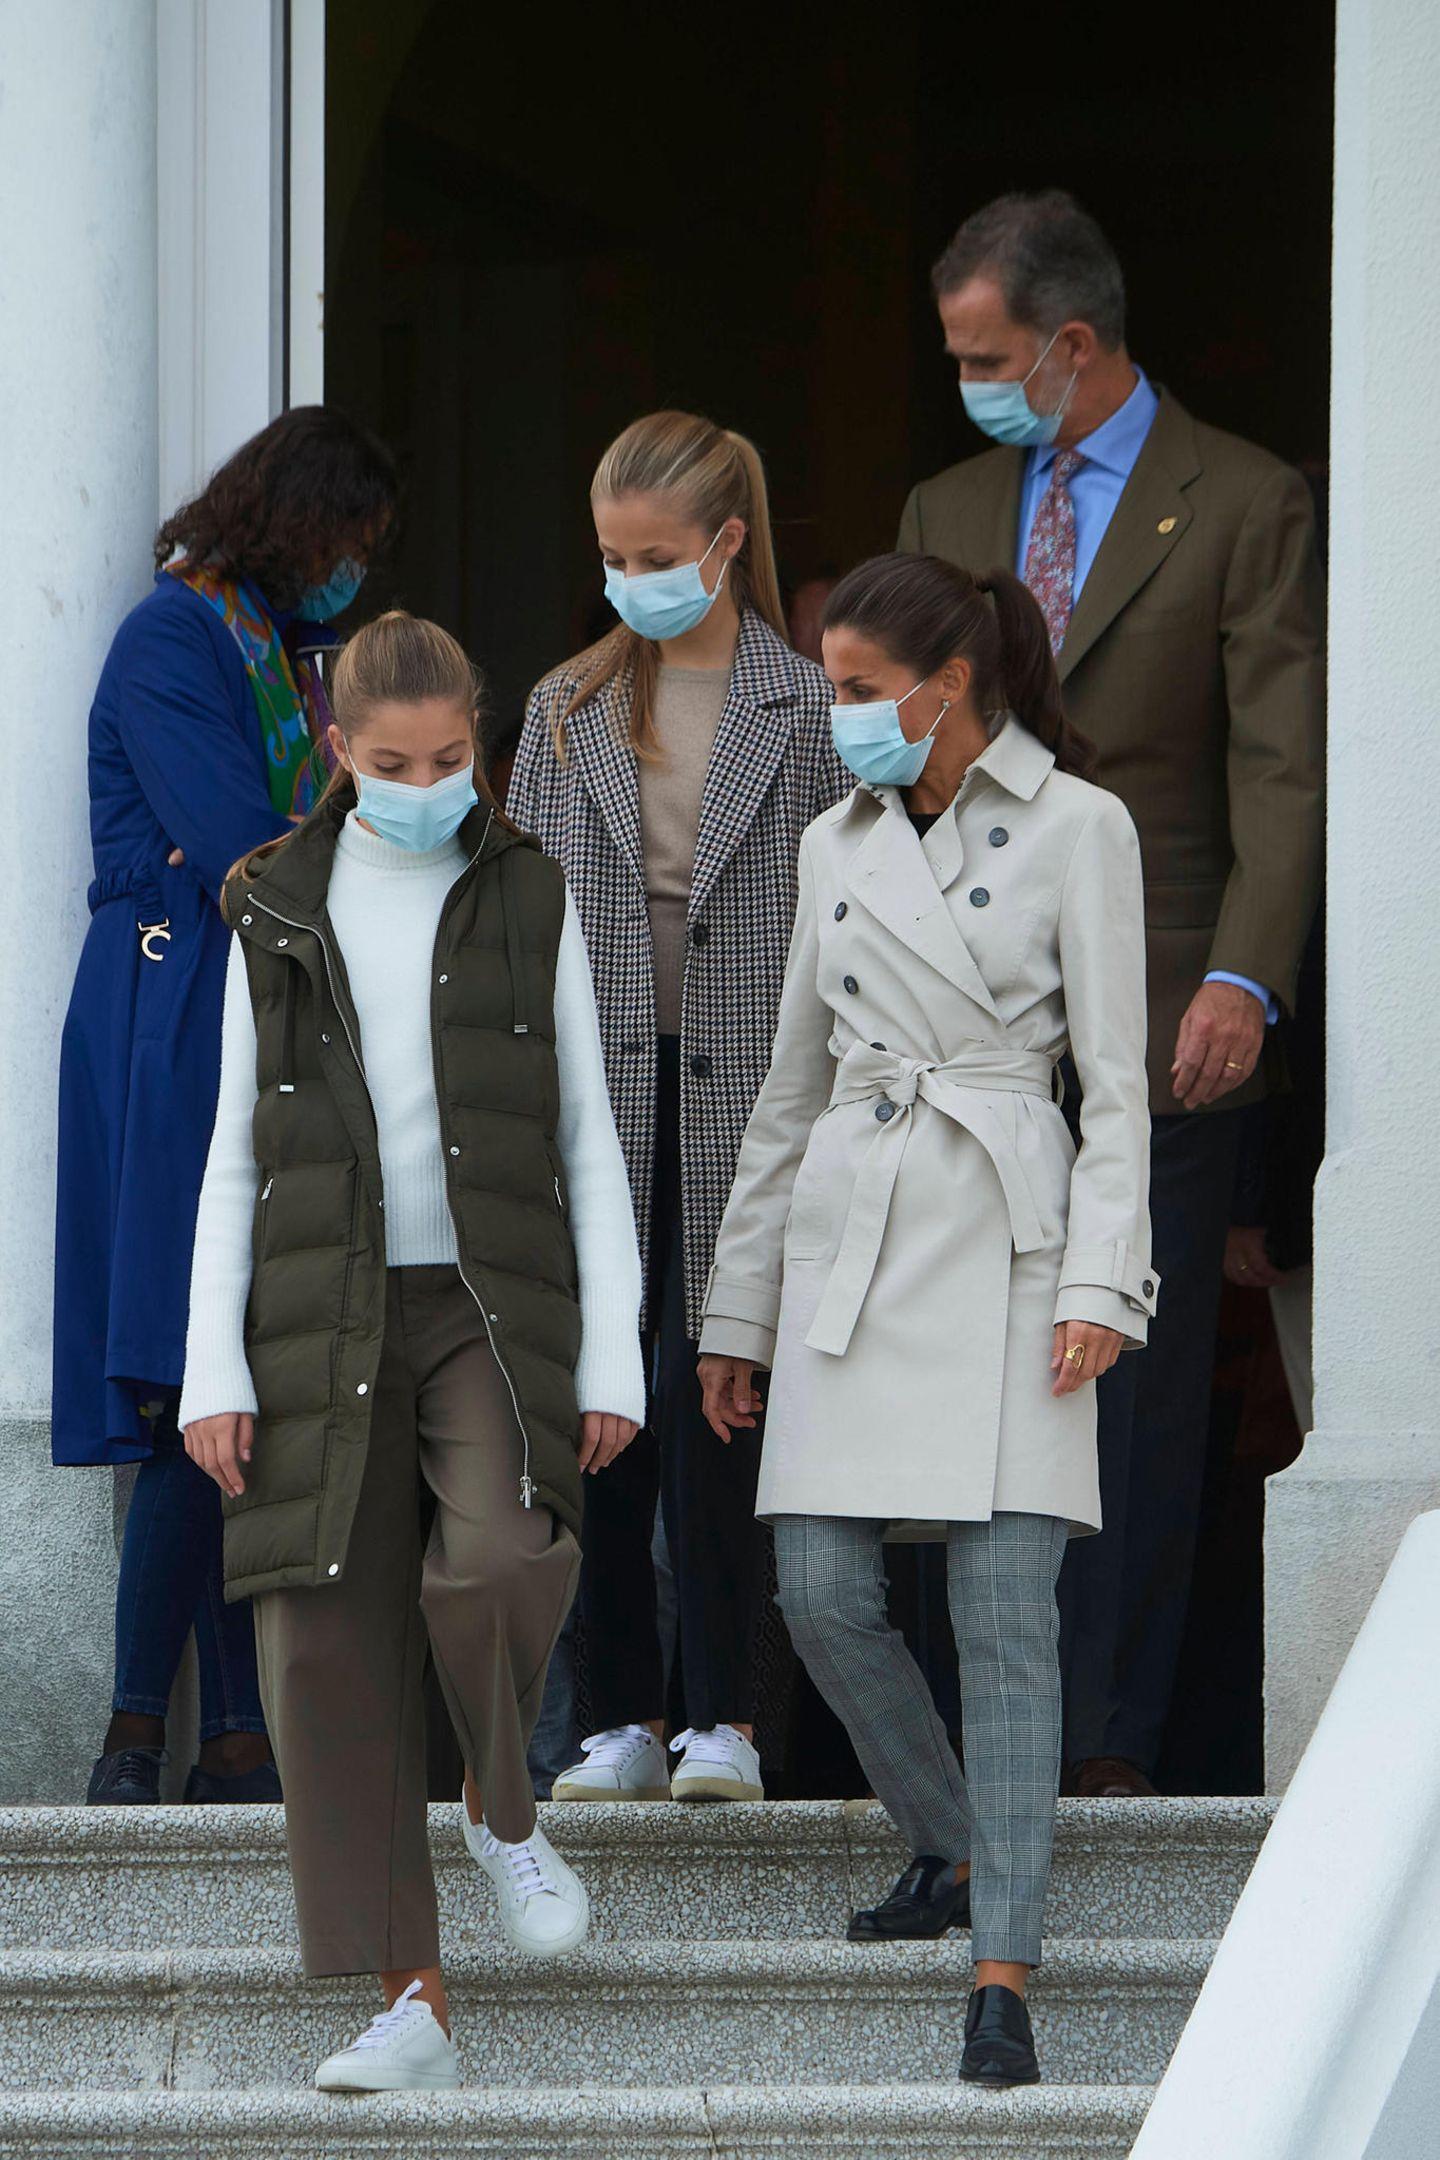 Sofia und Leonor absolvieren immer öfter Auftritte mit ihren Eltern. Die Entwicklung ihres eigenen Stils ist dabei deutlich zu erkennen! Sofia zeigt sich mit cooler Daunenweste über ihrer Khaki-Weiß-Kombi.